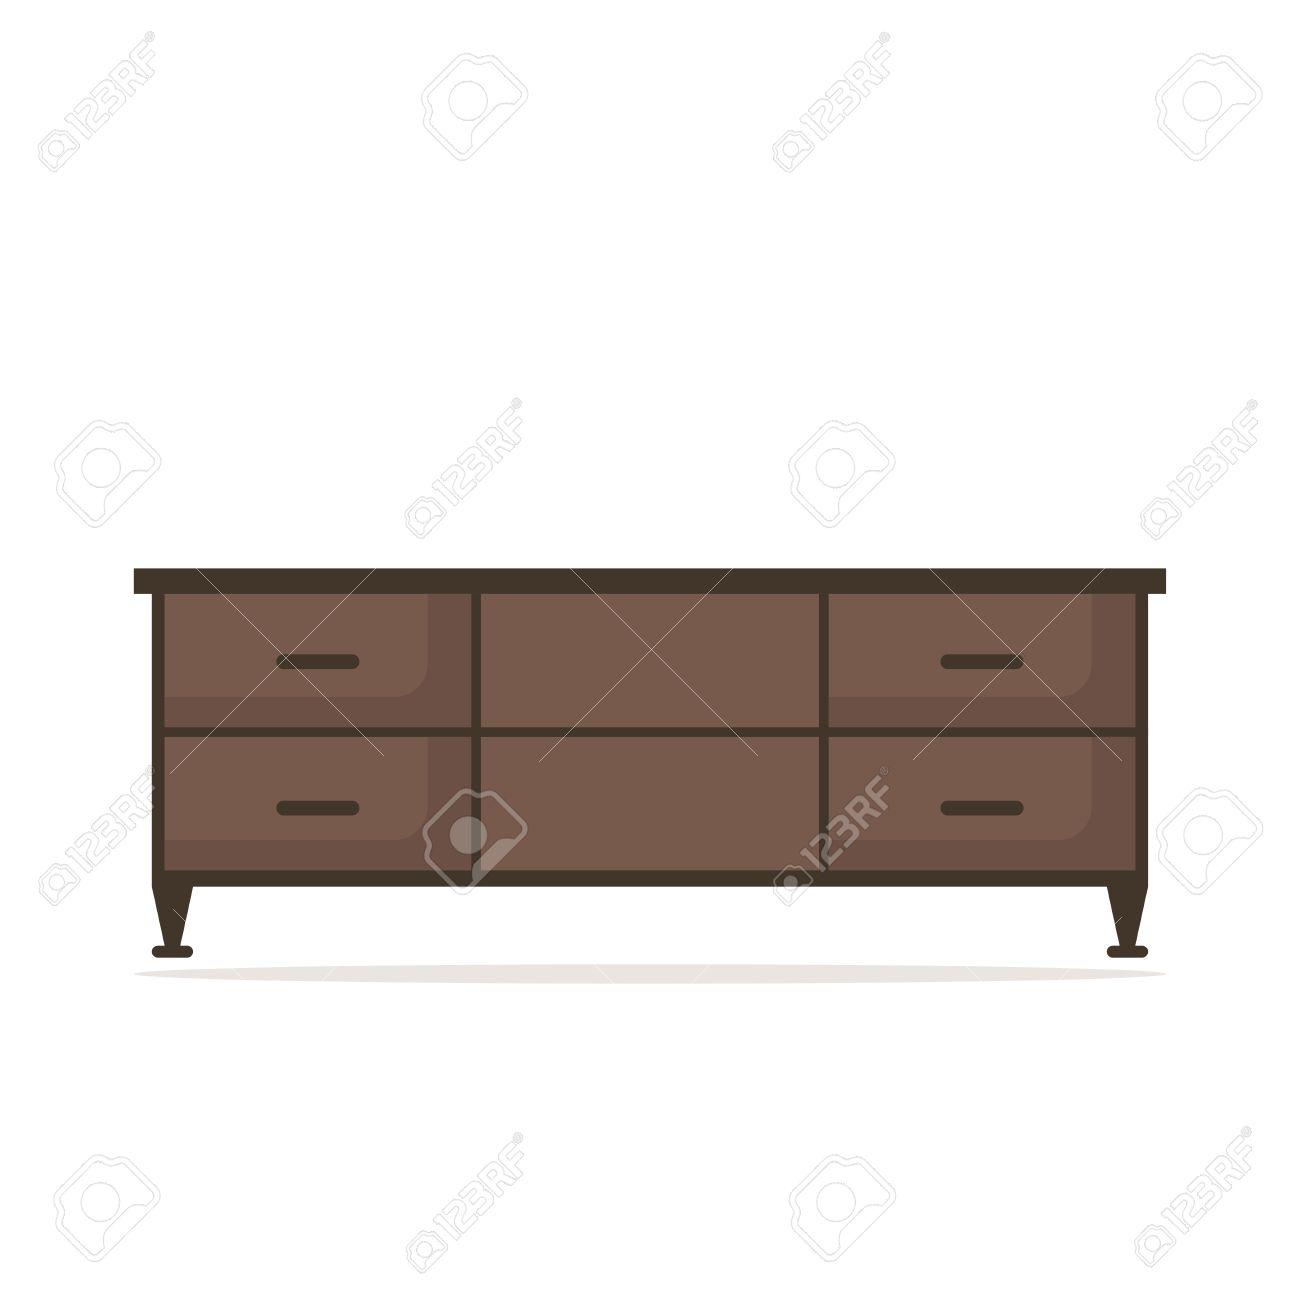 TV-Tisch-Symbol Auf Weißem Hintergrund. Moderne Möbel Für Wohnzimmer ...